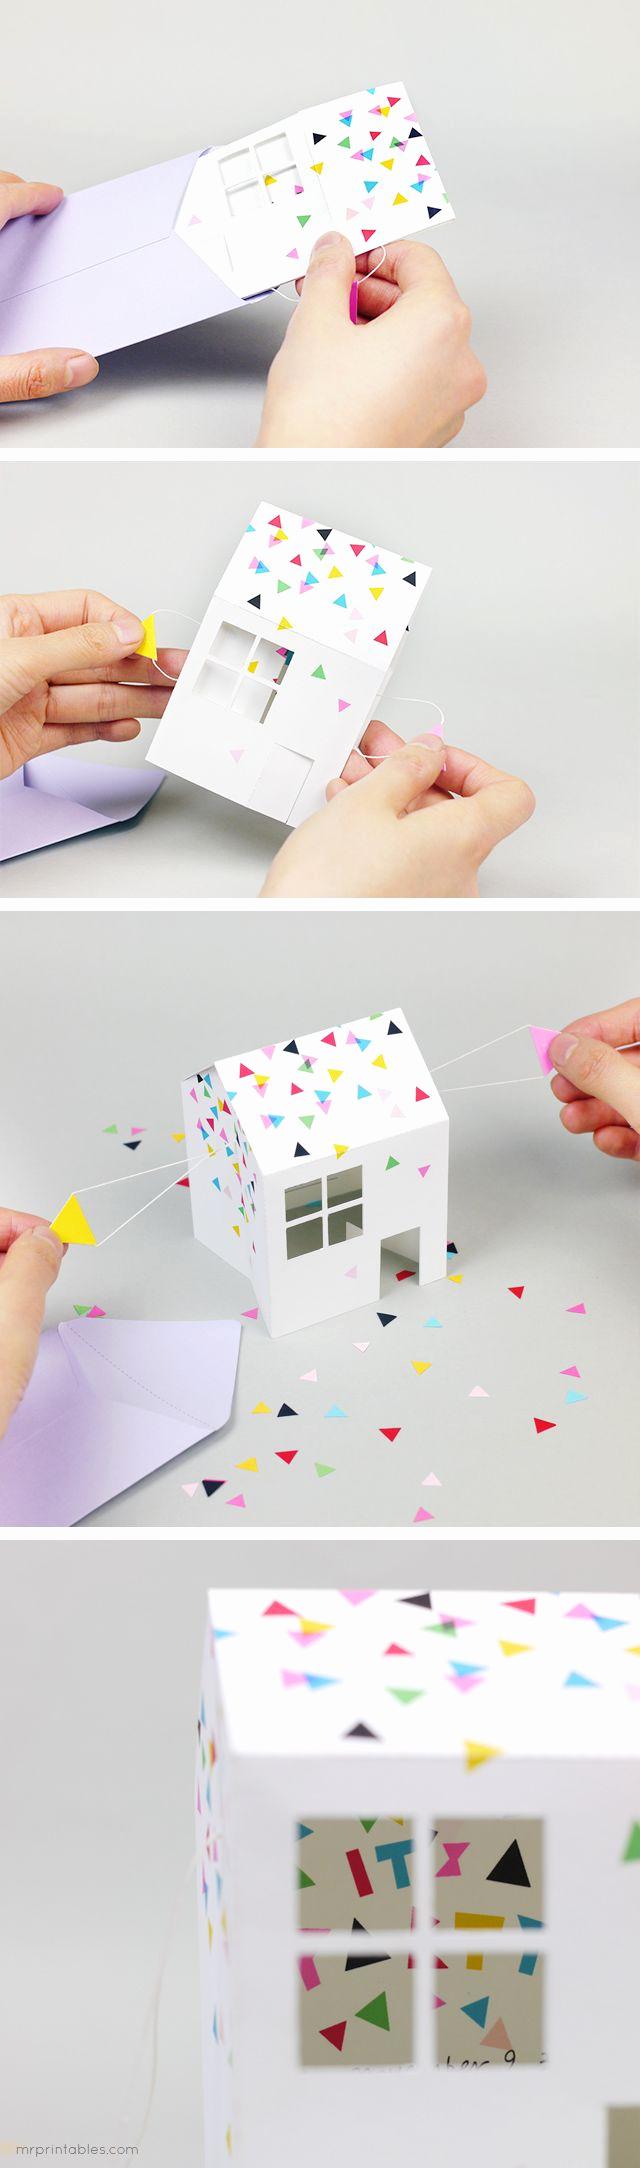 Pop Up Shop Invitation Unique Diy Pop Up House Party Invitation